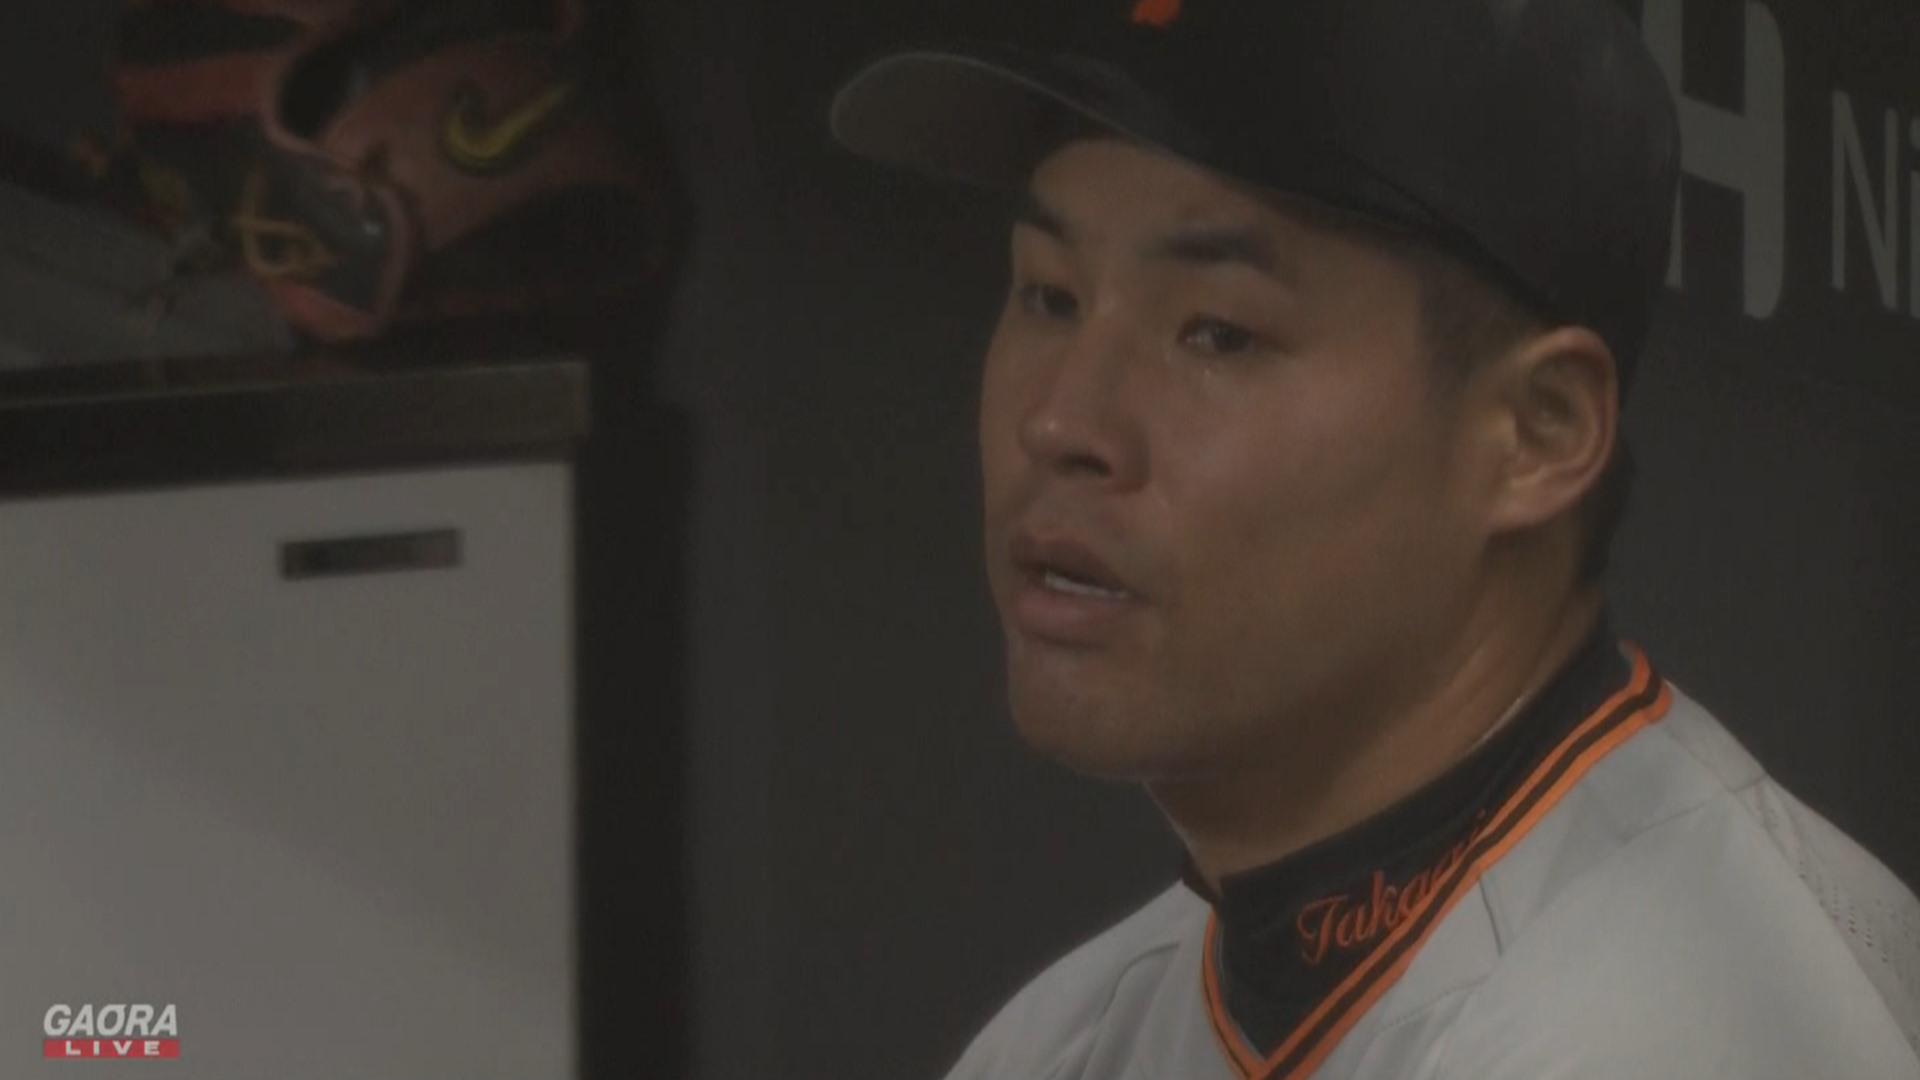 高木京介、ついにプロ初黒星 王柏融が決勝ホームラン